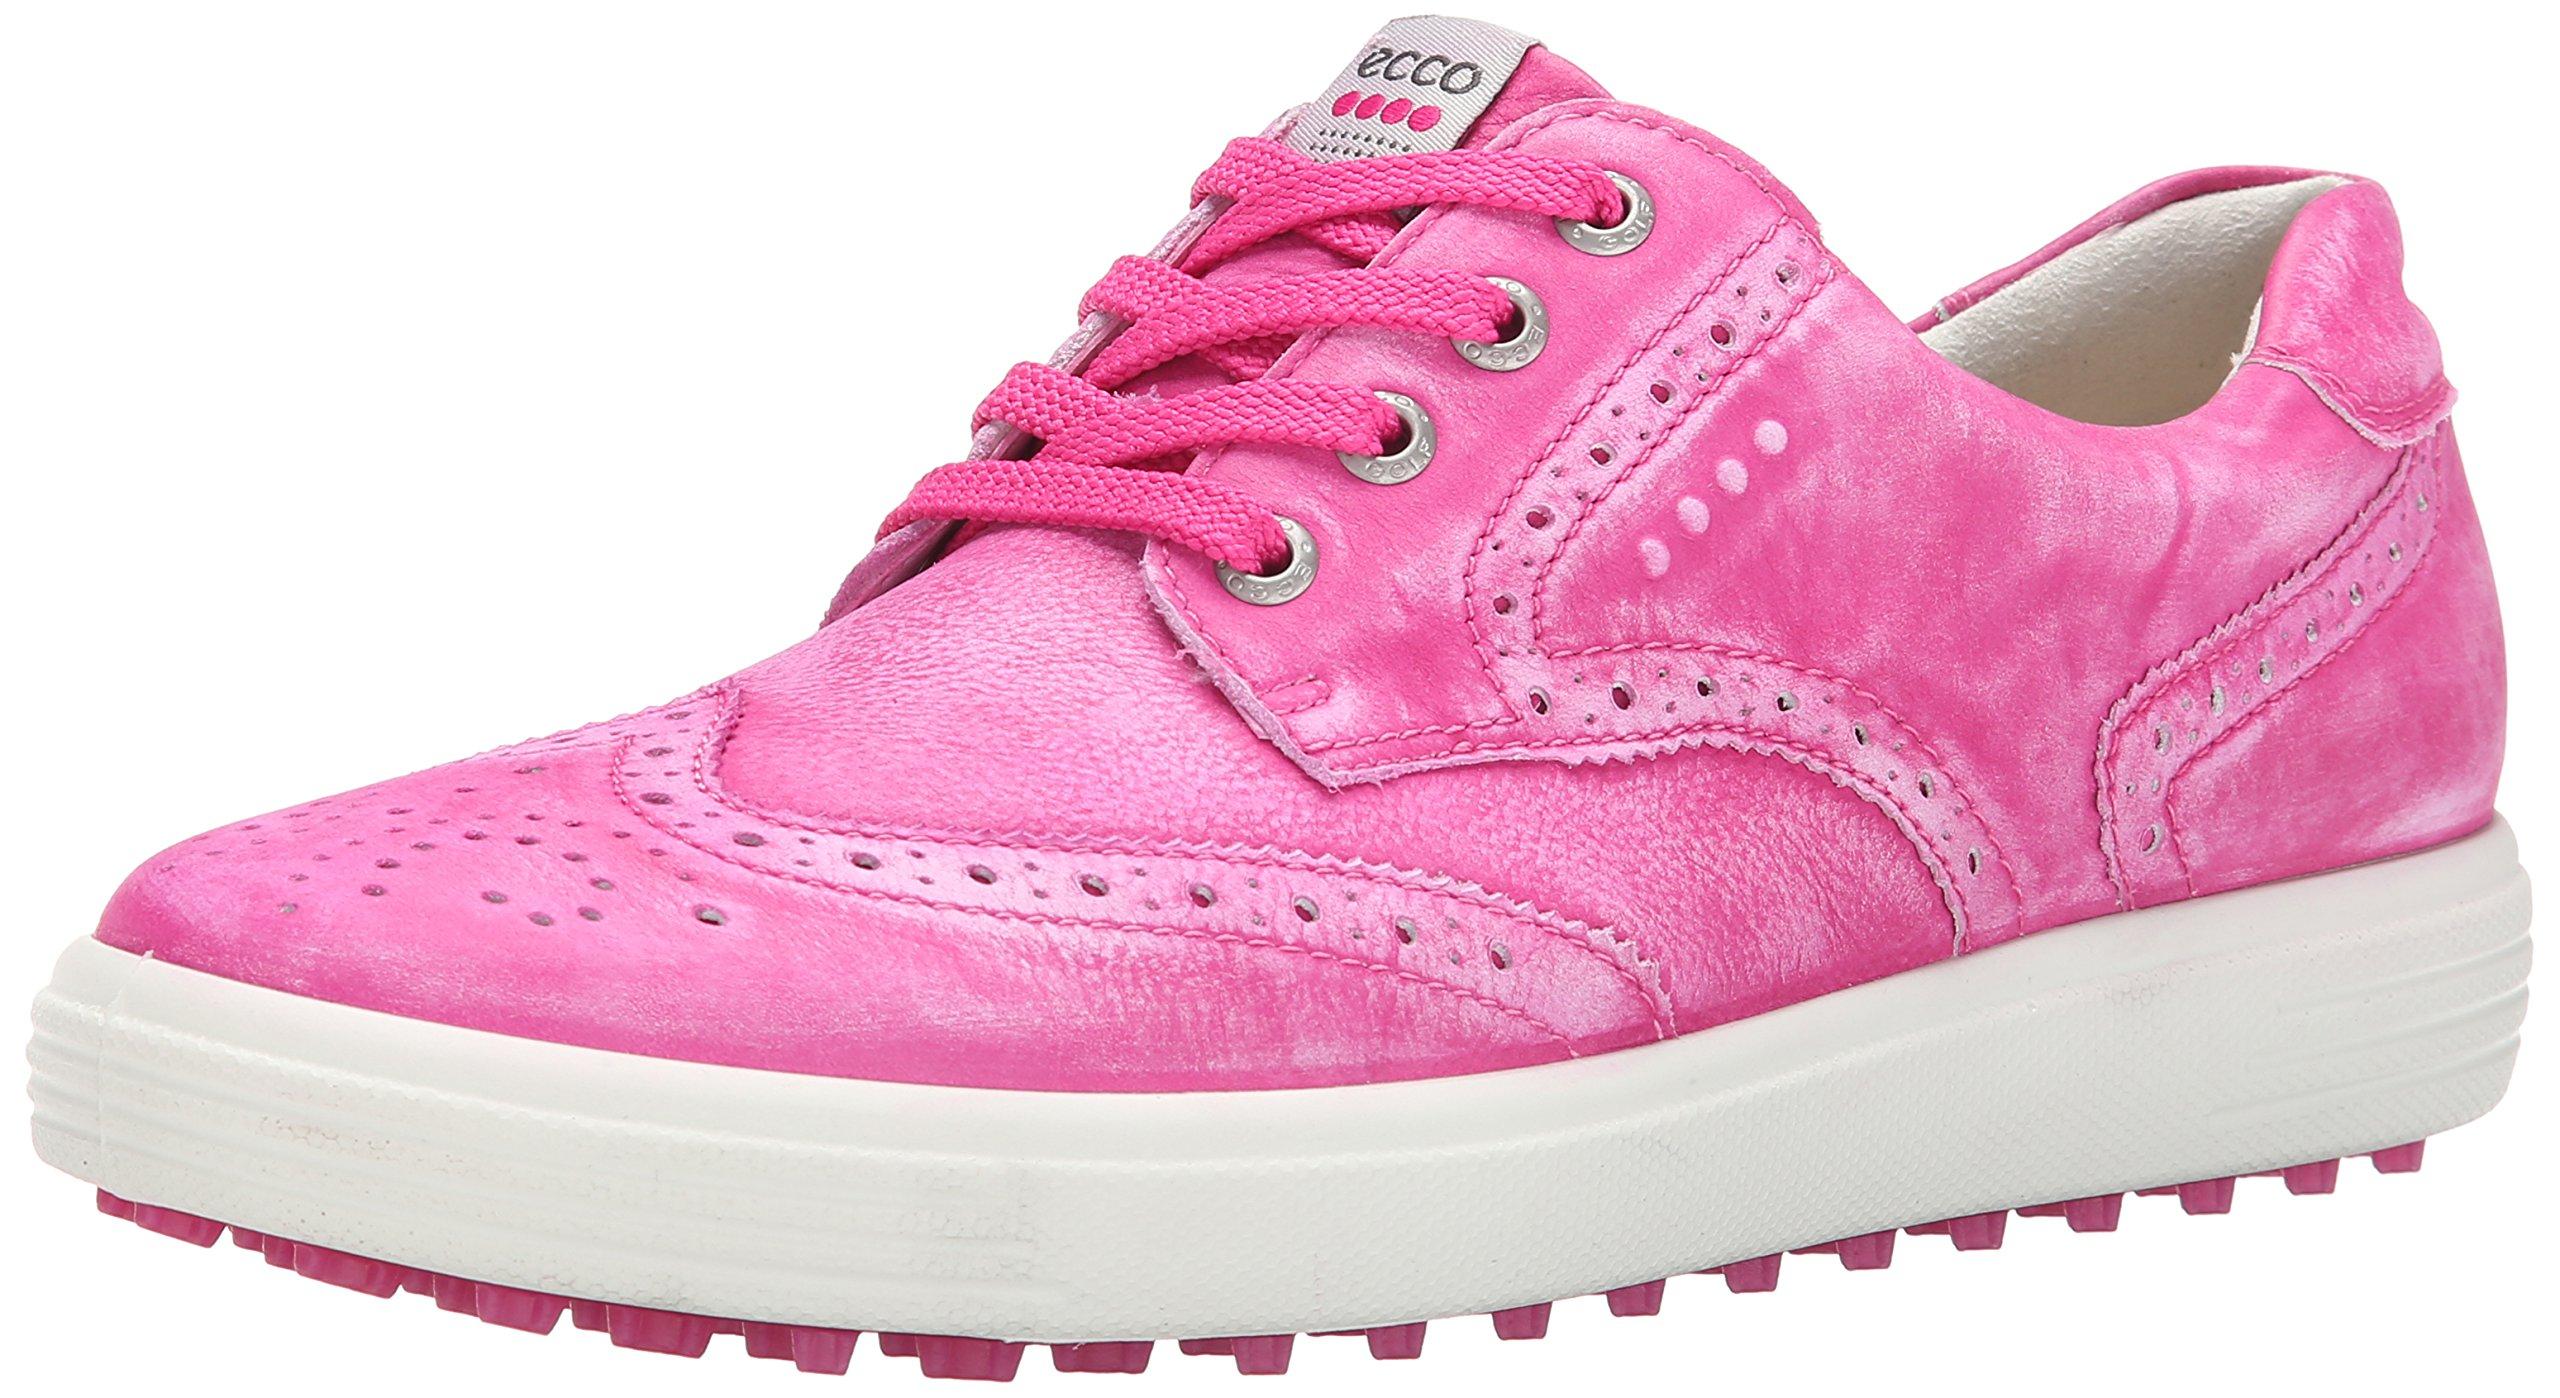 ECCO Women's Casual Hybrid Golf Shoe, Candy, 37 EU/6-6.5 M US